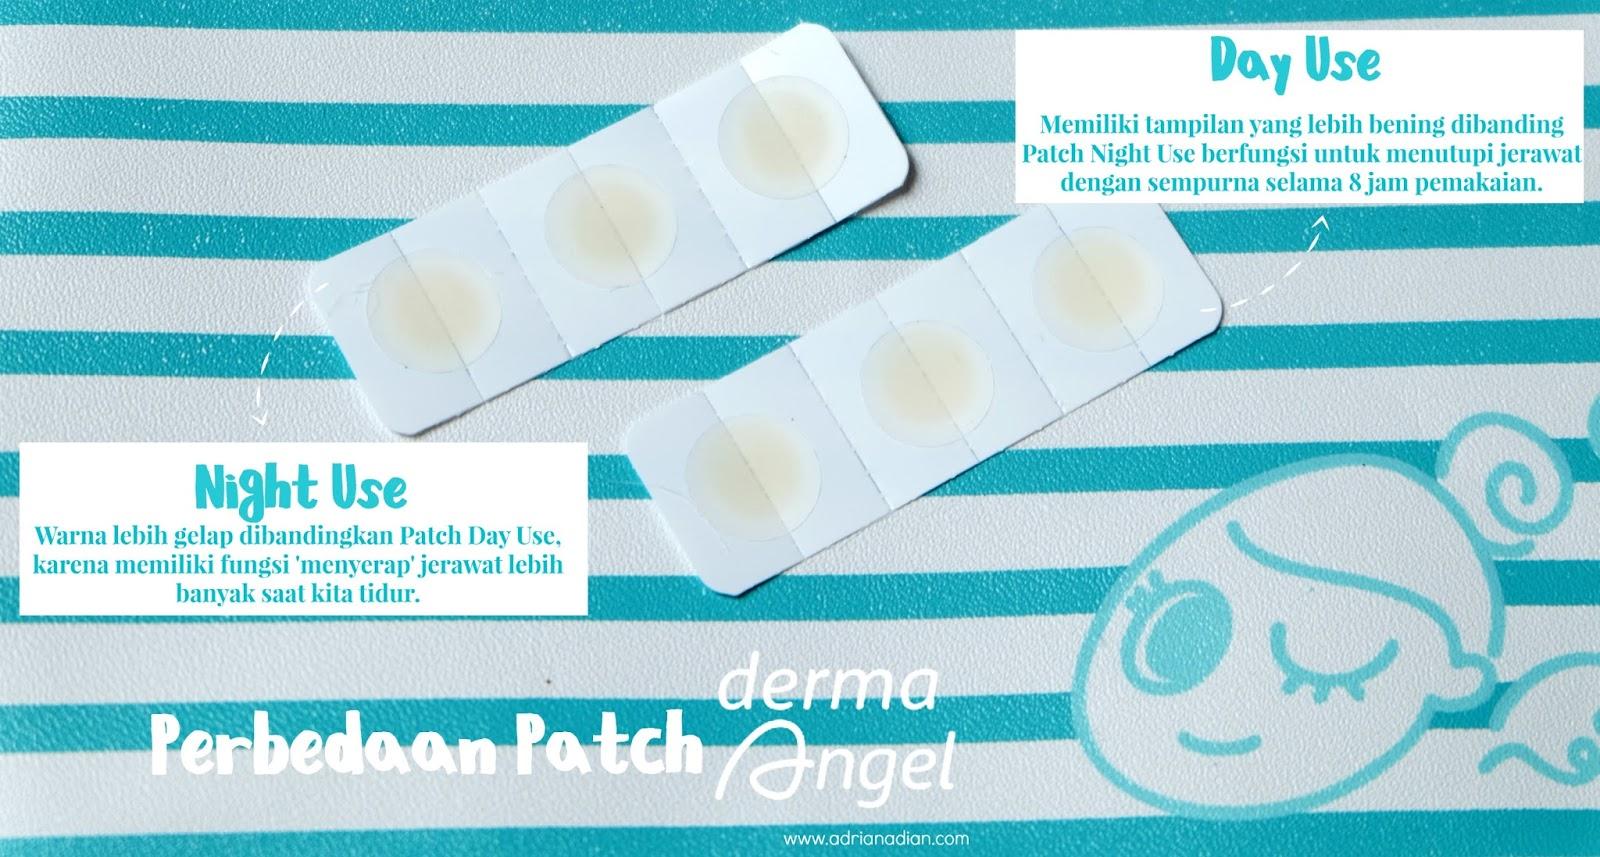 Acne Patch Derma Angel - Solusi masalah jerawat